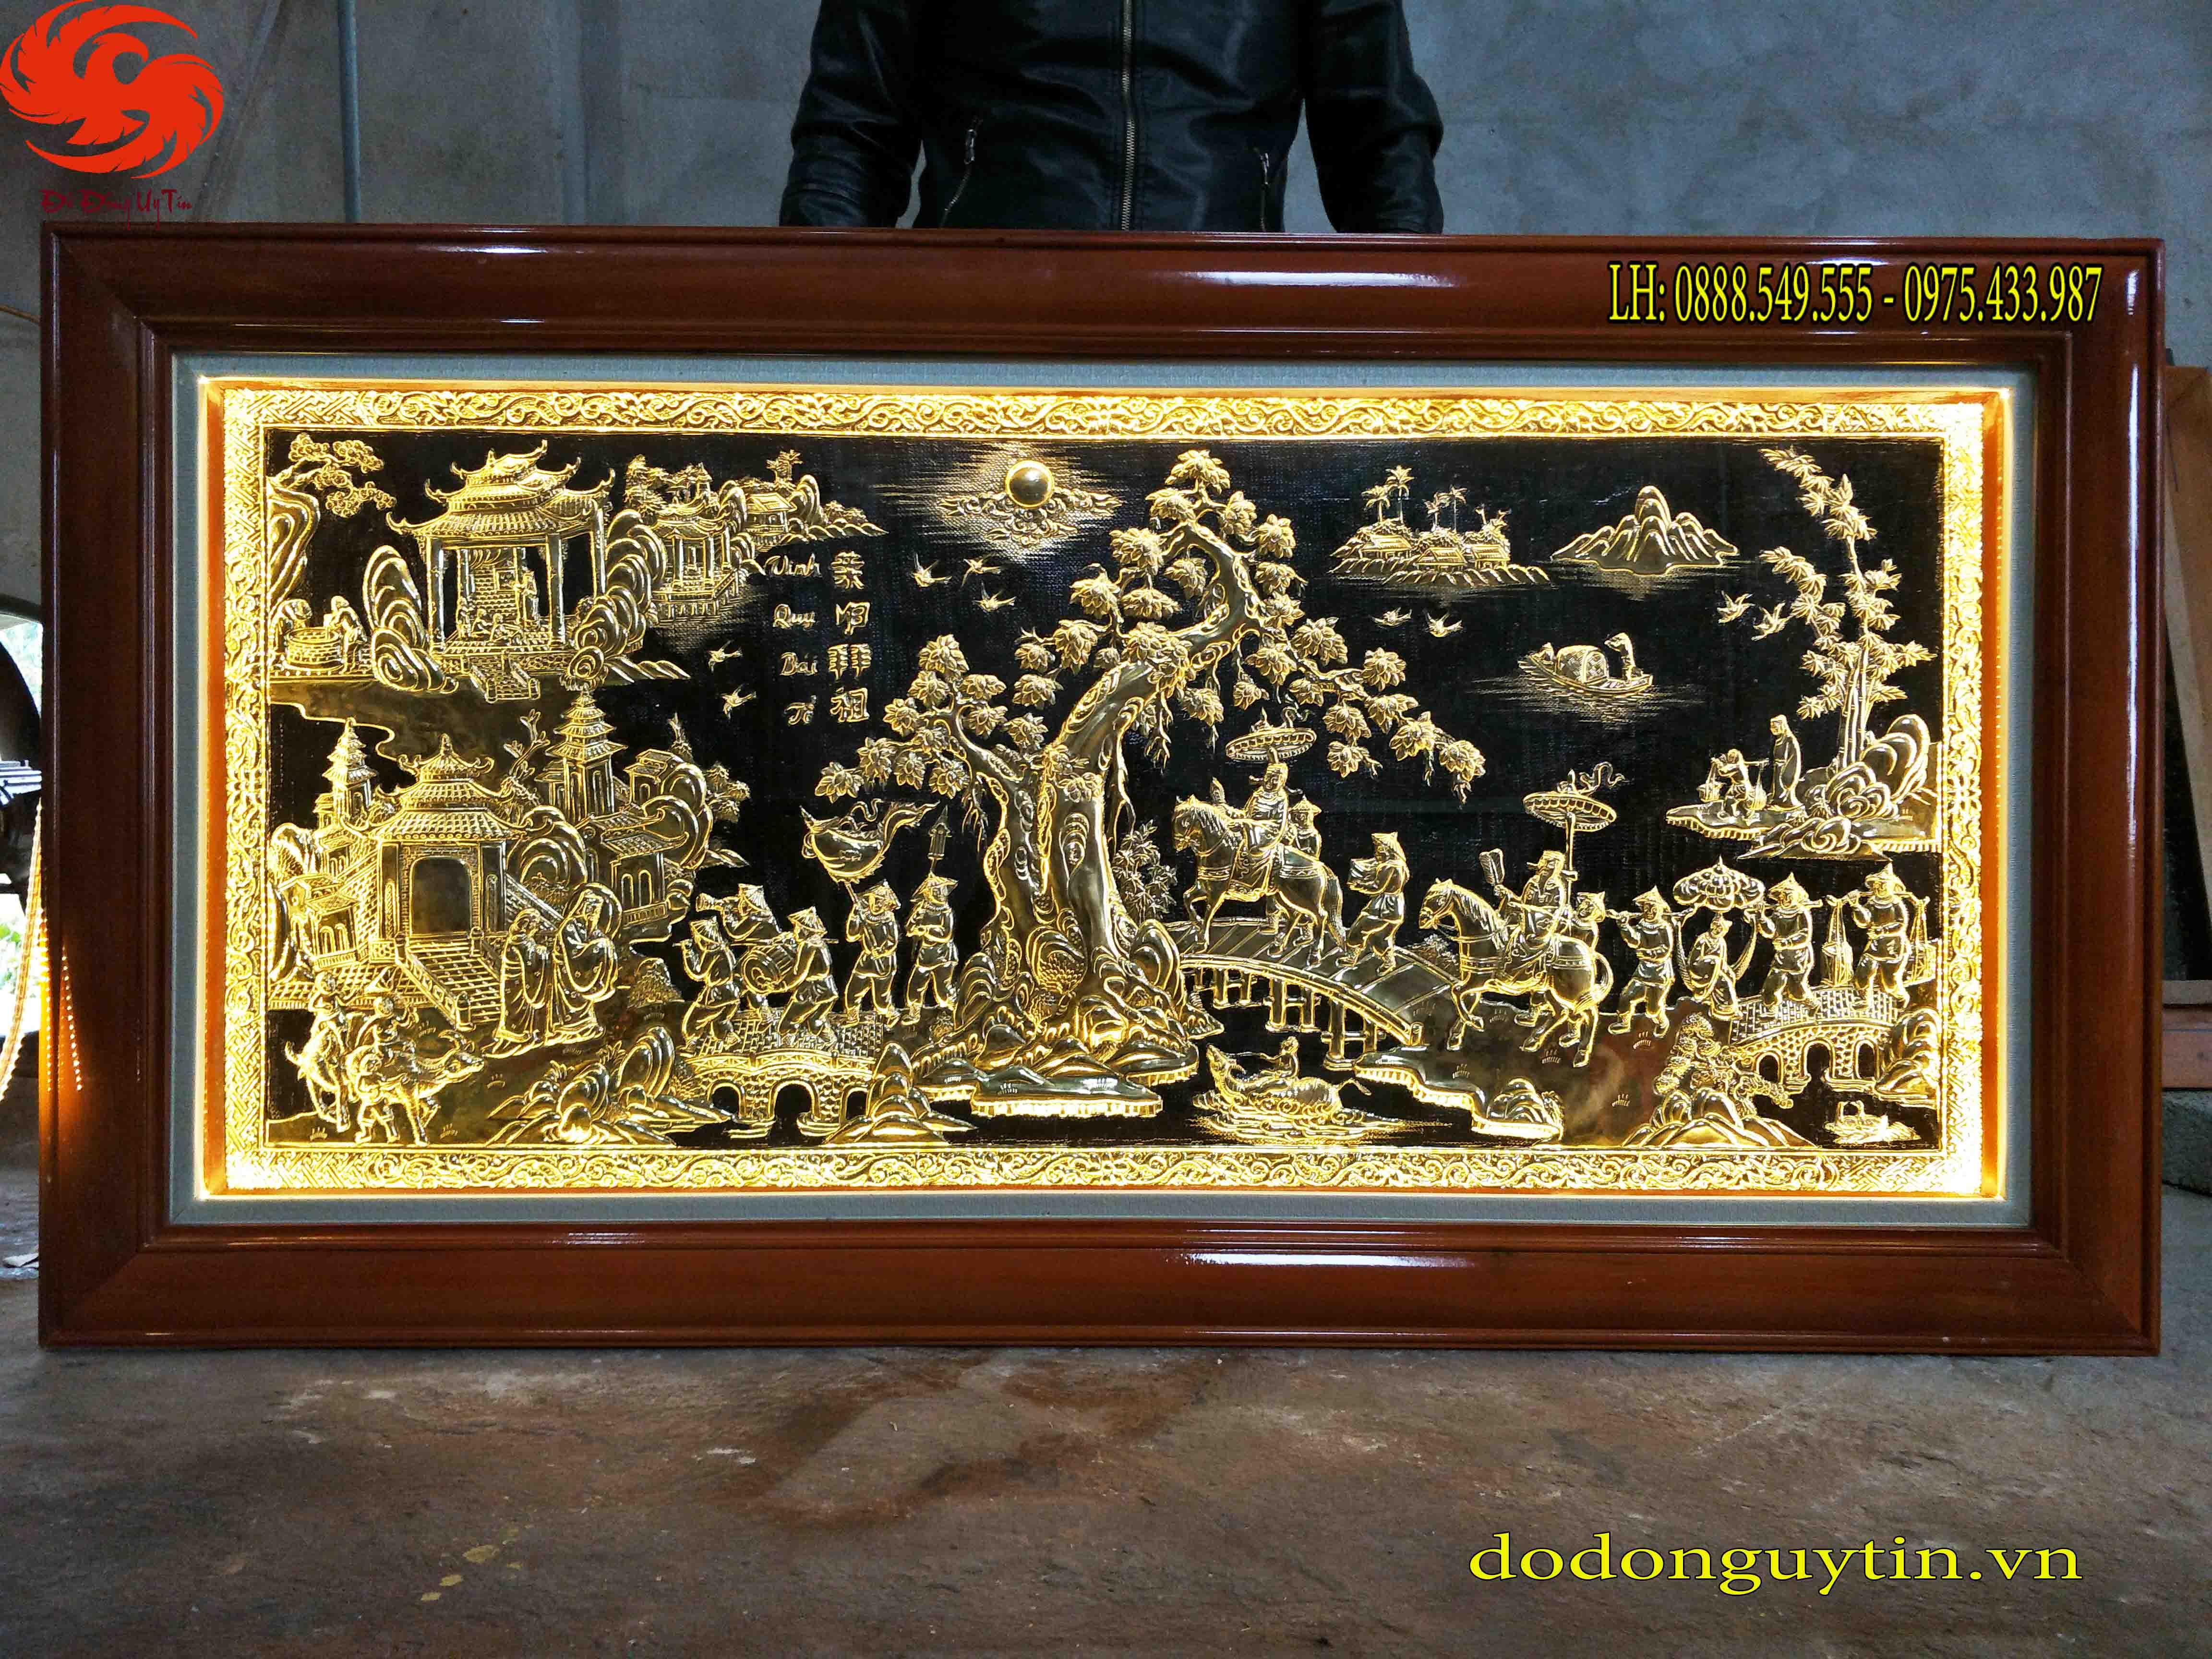 Tranh đồng vàng Vinh quy bái tổ đẹp, tinh xảo 1m27 x 2m37